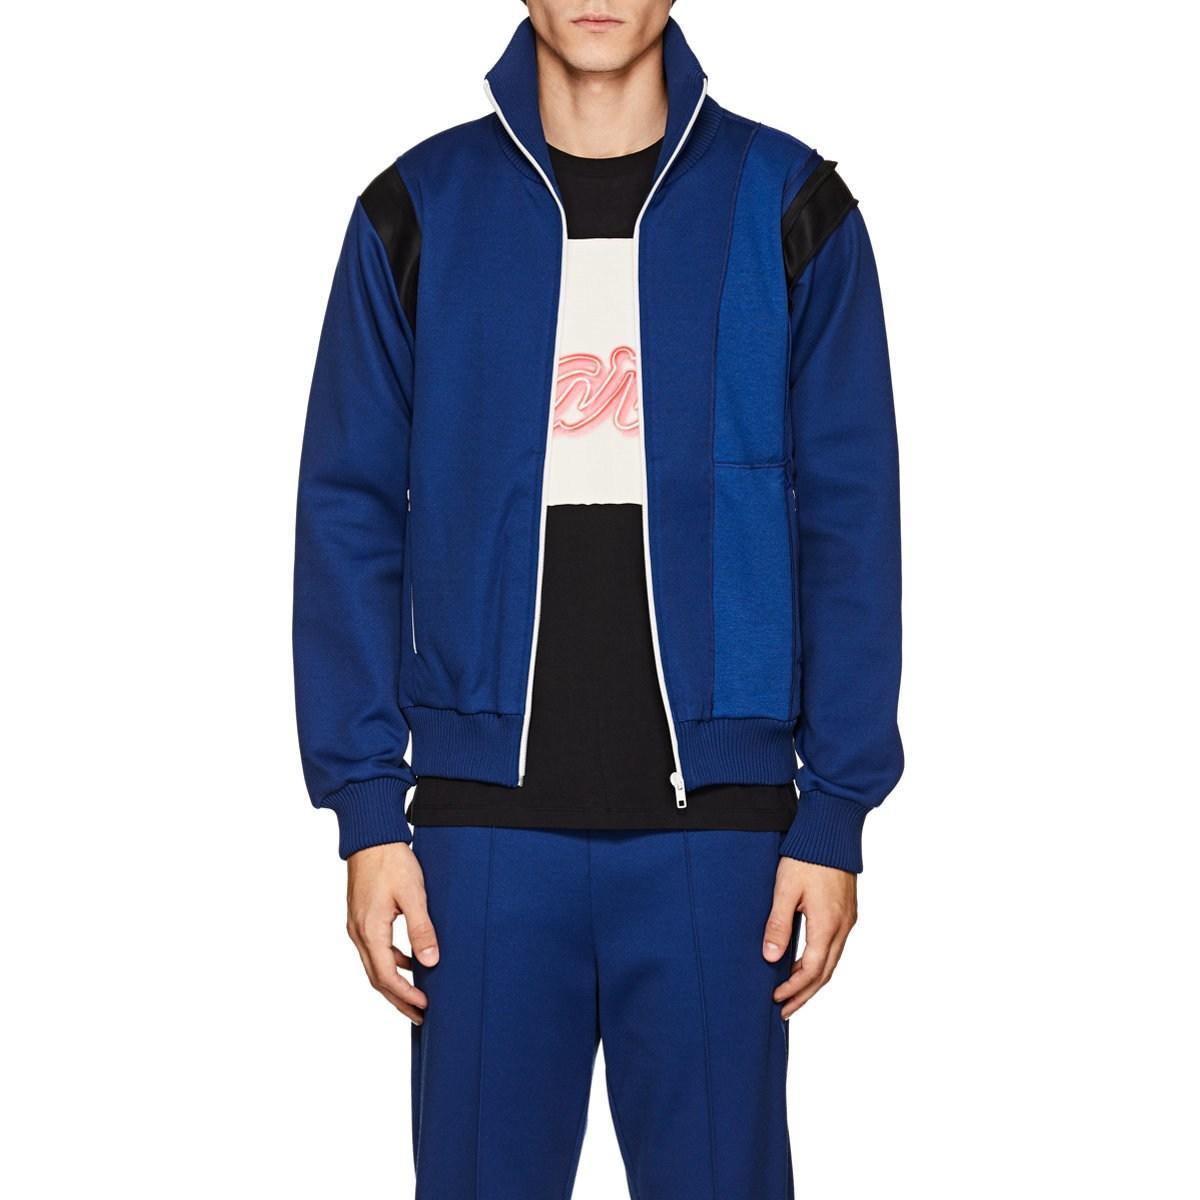 8d55c89d3cc8 Maison Margiela Satin-trimmed Piqué Track Jacket in Blue for Men - Lyst